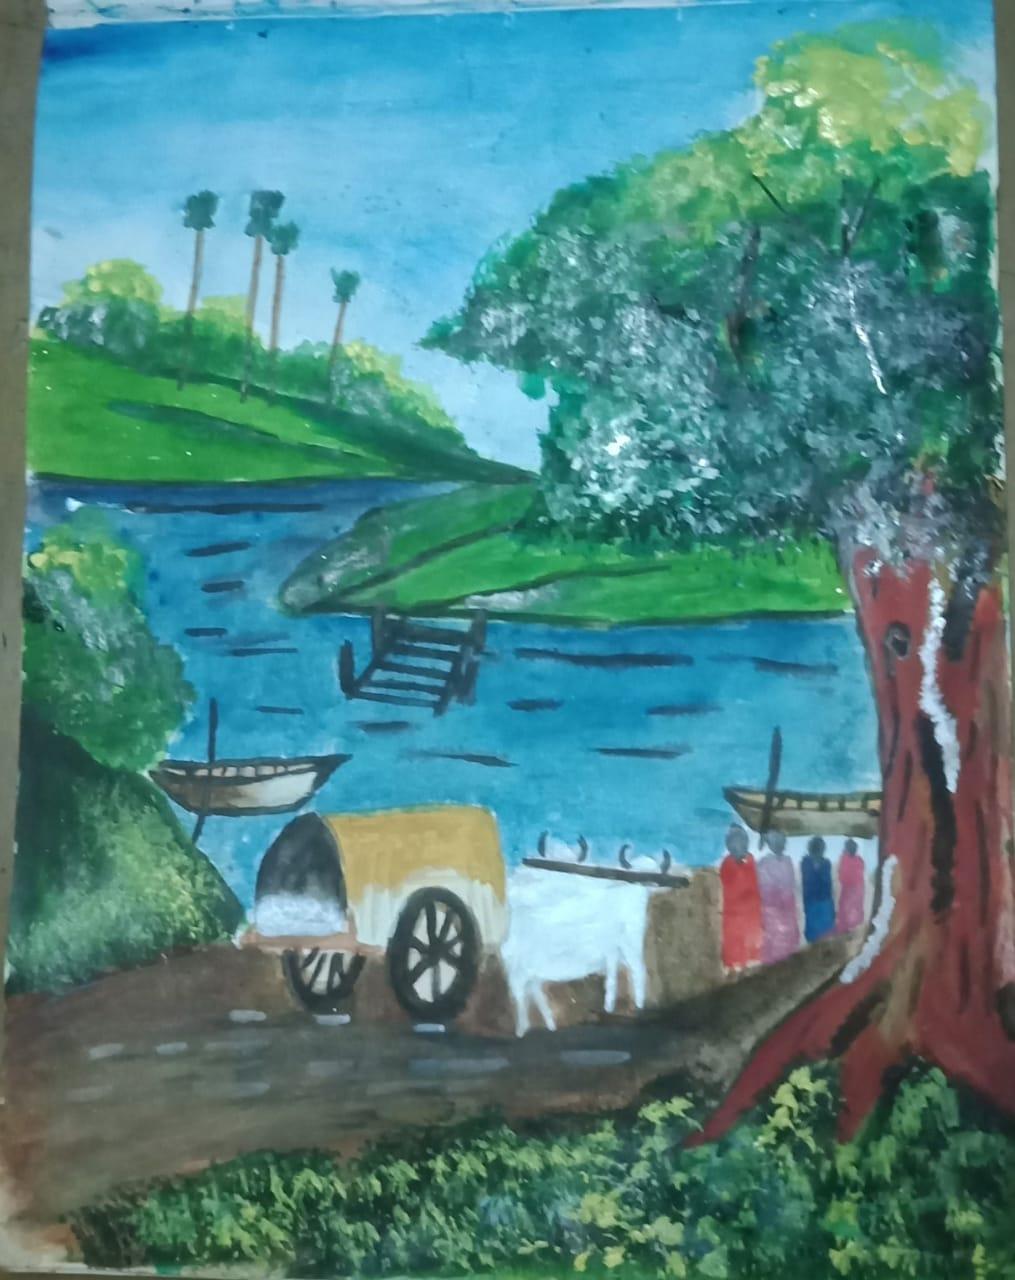 Village Stories Slider 1/3